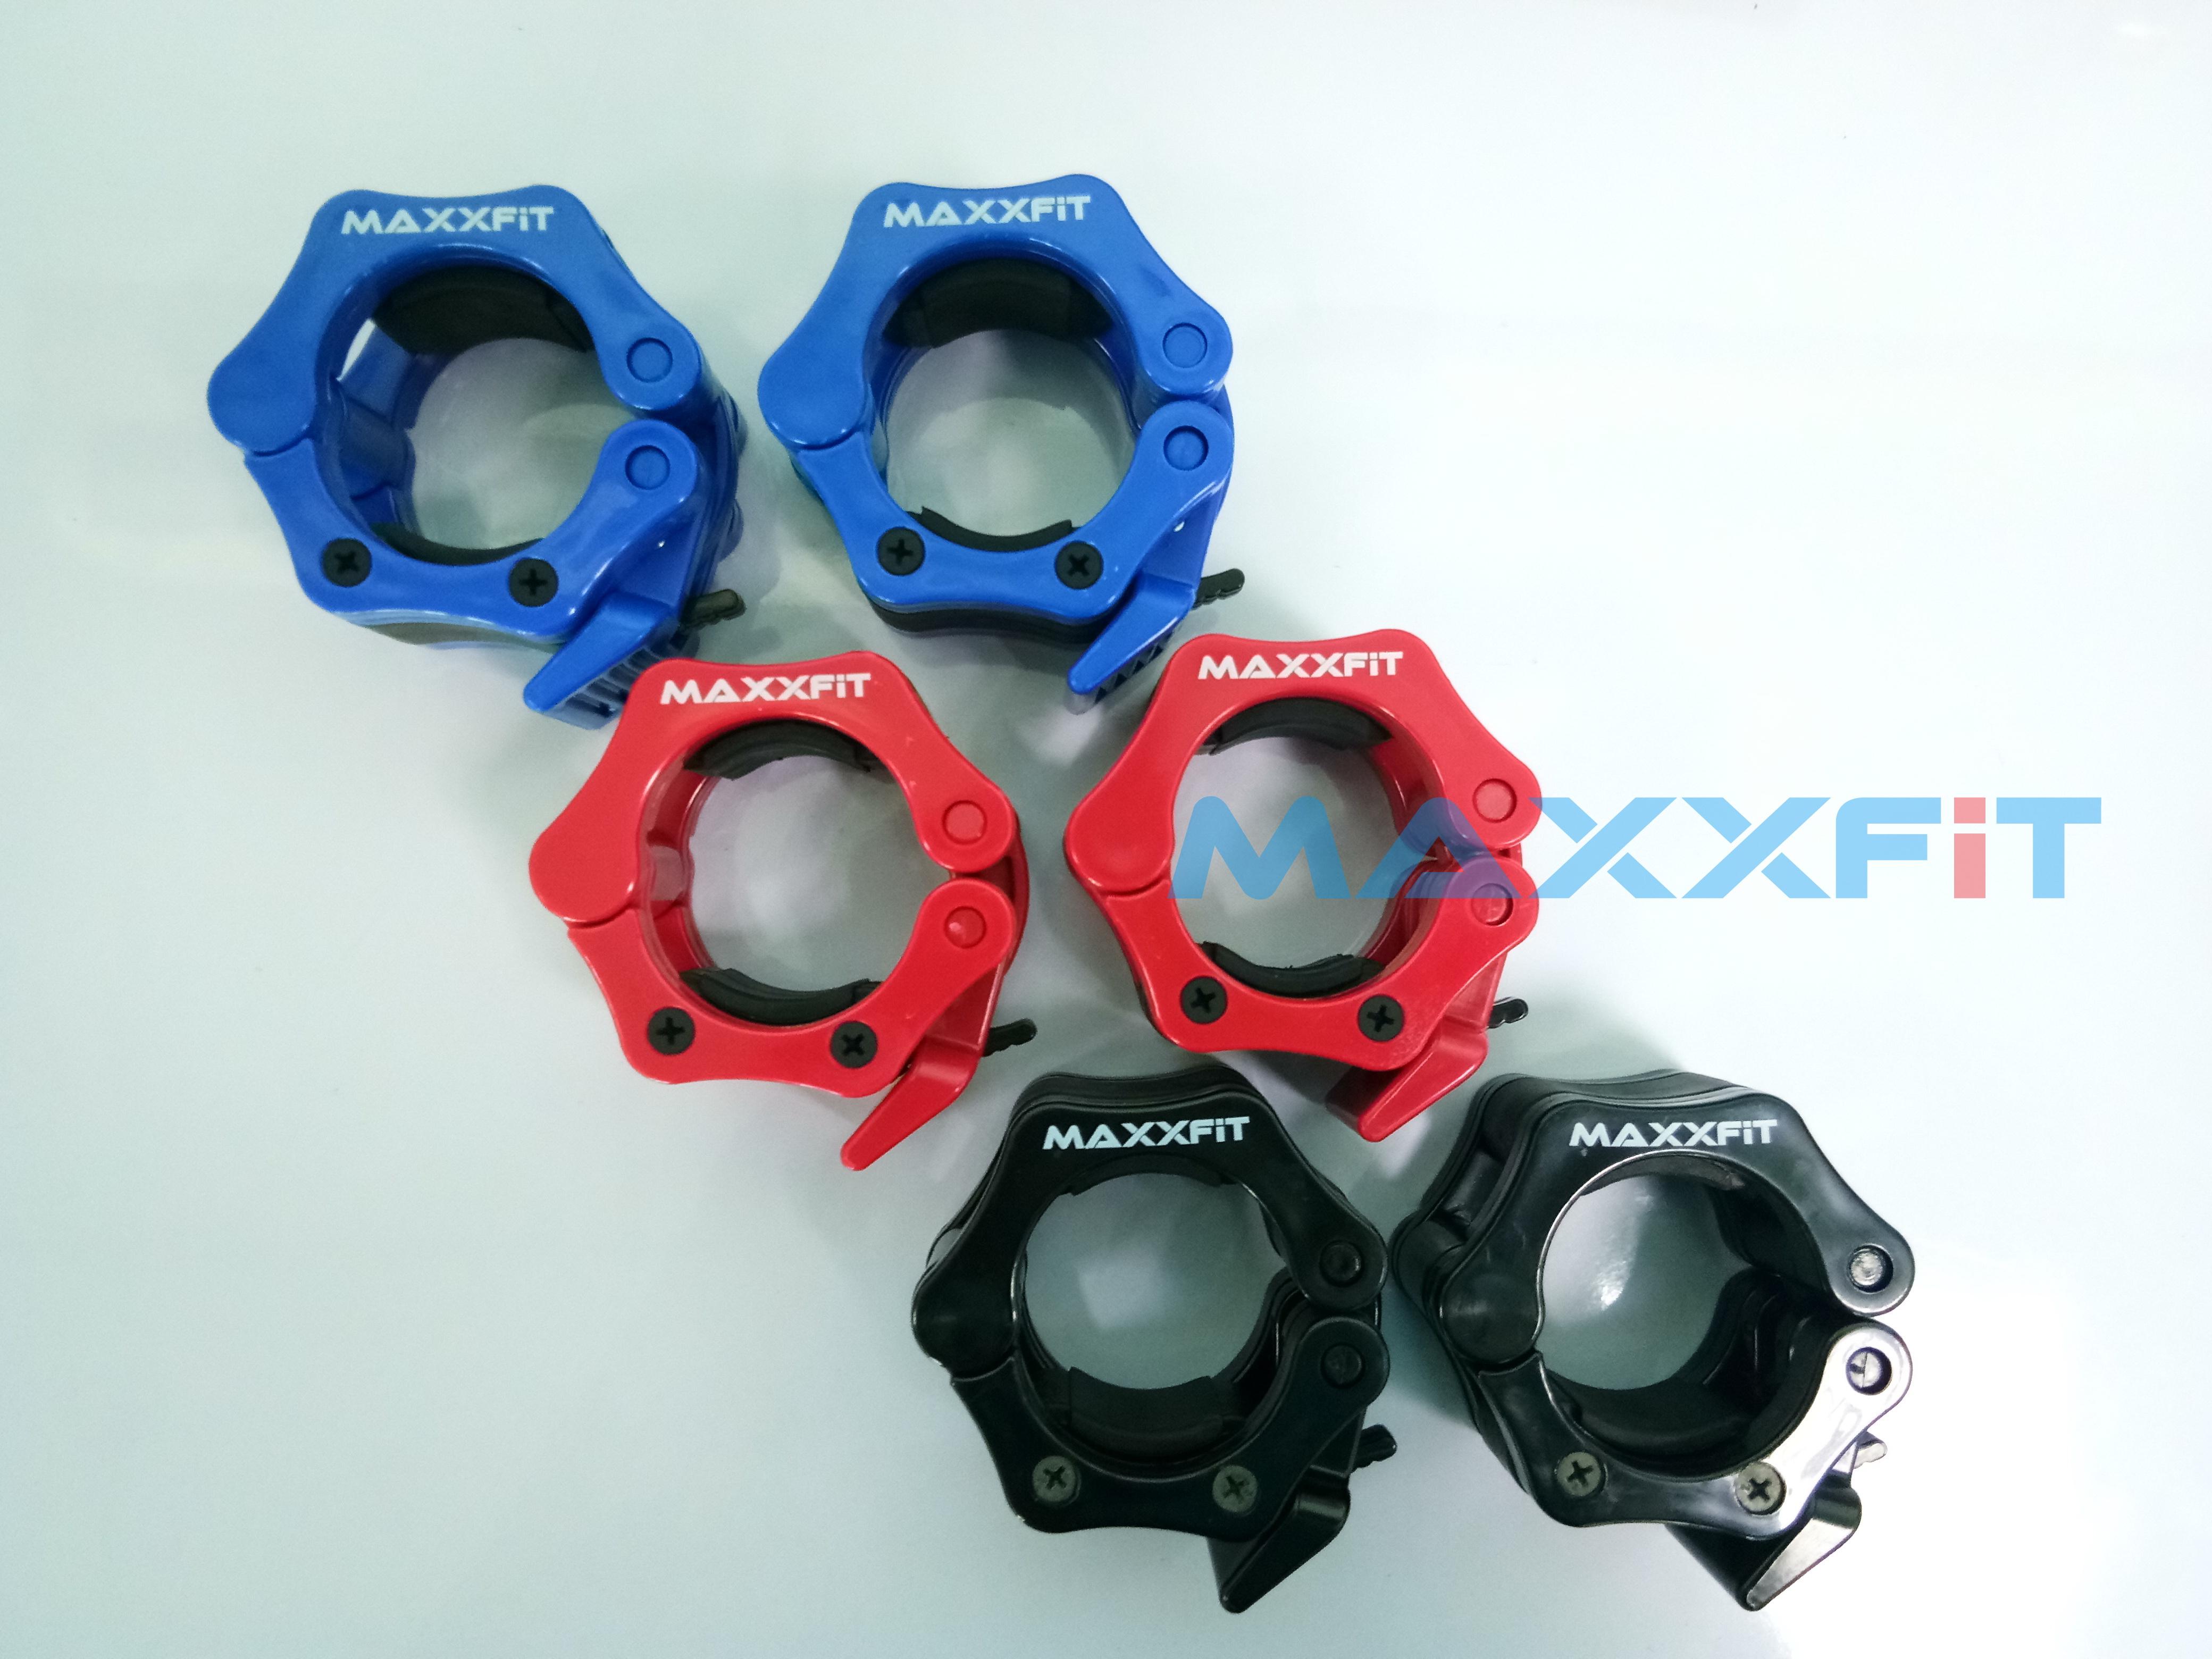 ขาย คลิปล็อคคานบาร์เบล 2 นิ้ว(MAXXFiT Lock Jaw Collar)